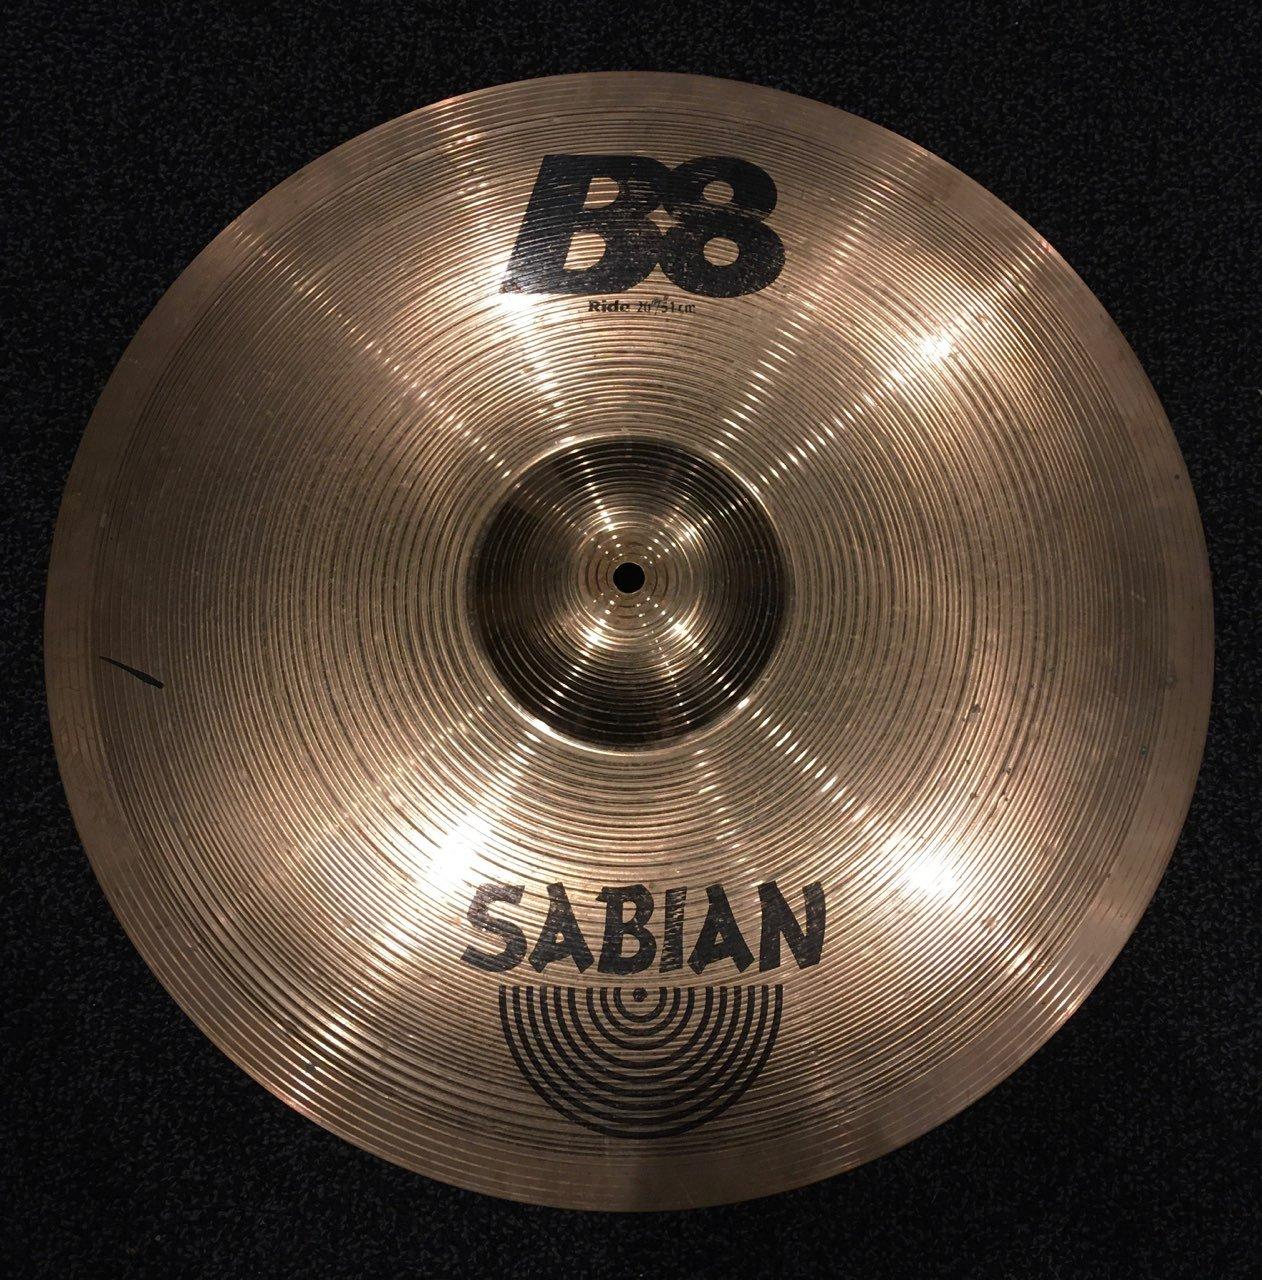 B8 20 Ride Cymbal 42012 - Used